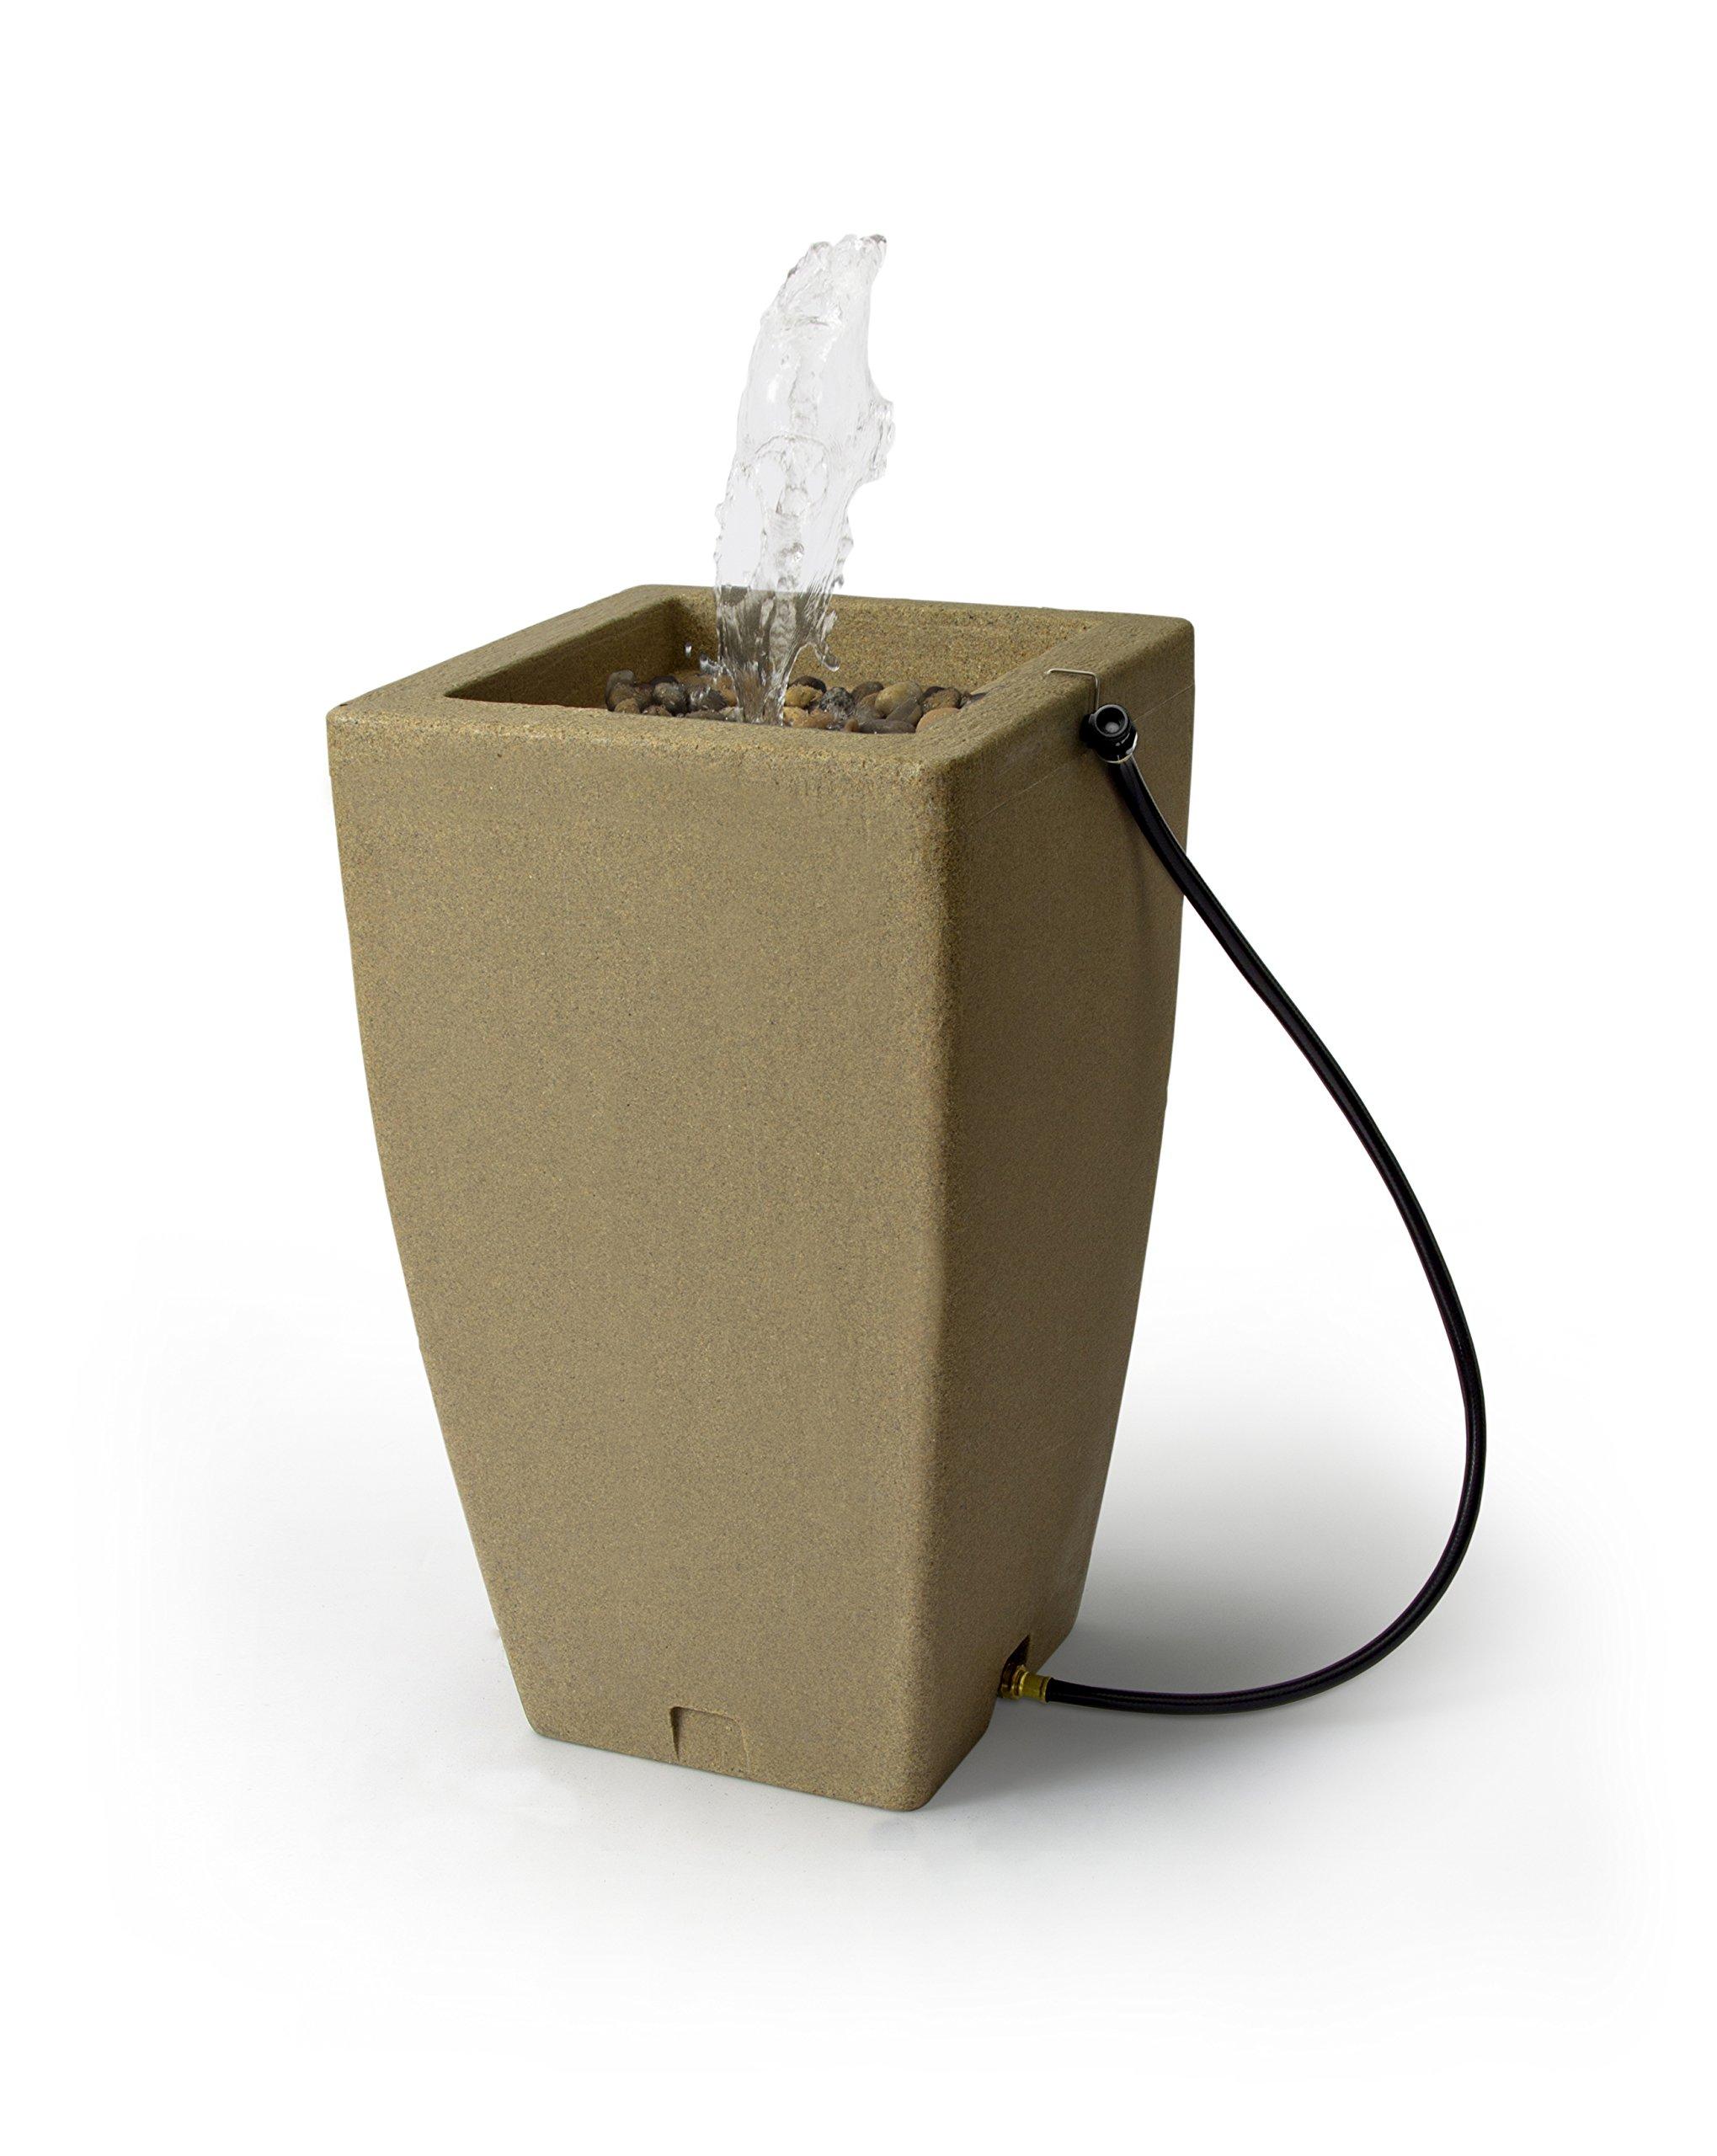 Algreen Products Madison Rain Barrel Fountain 49-Gallon, Sandstone